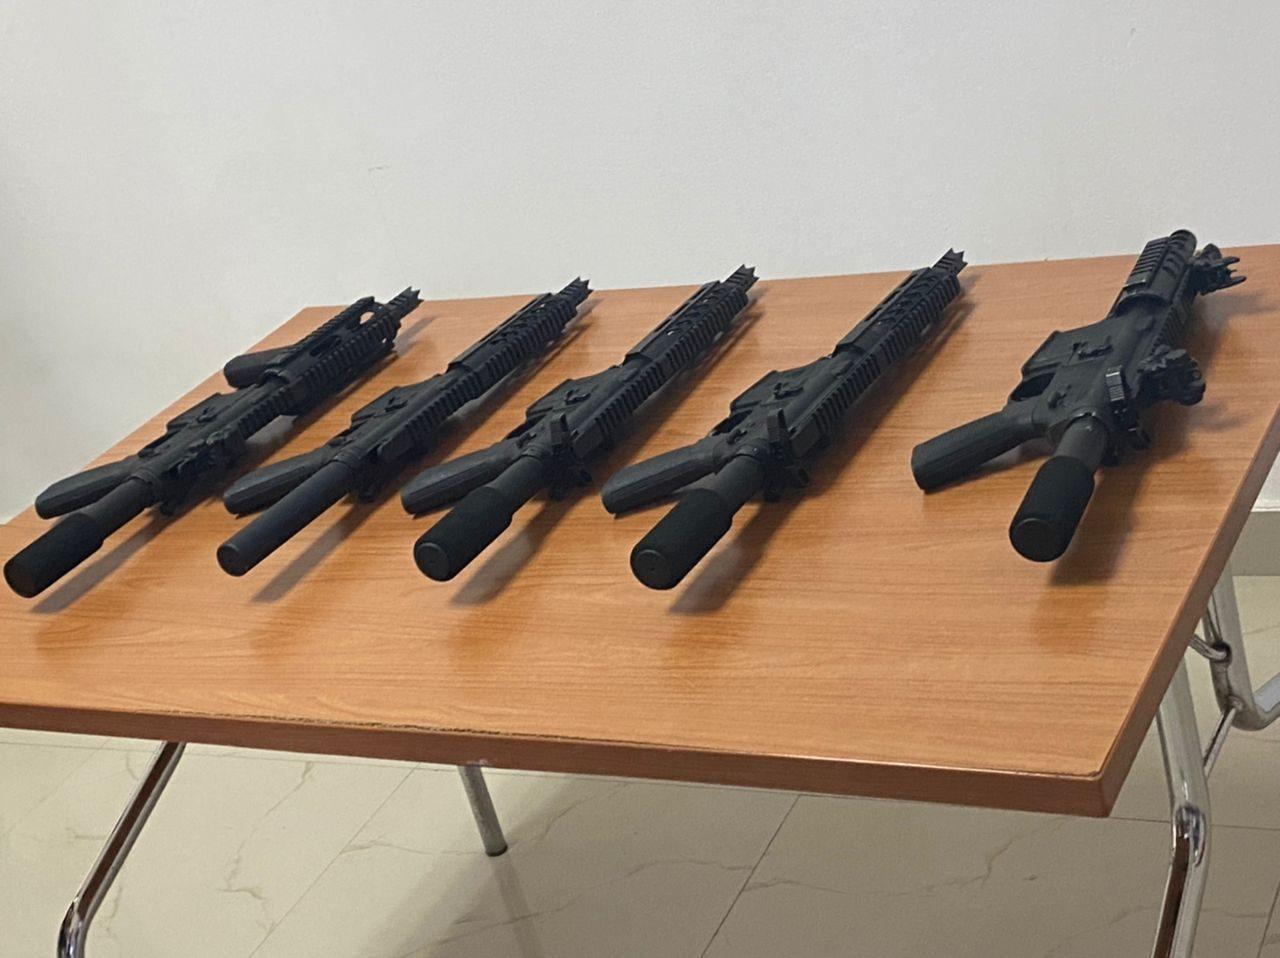 Bilan des opérations de la PNH du 20 au 26 septembre: 12 individus arrêtés, 5 fusils confisqués